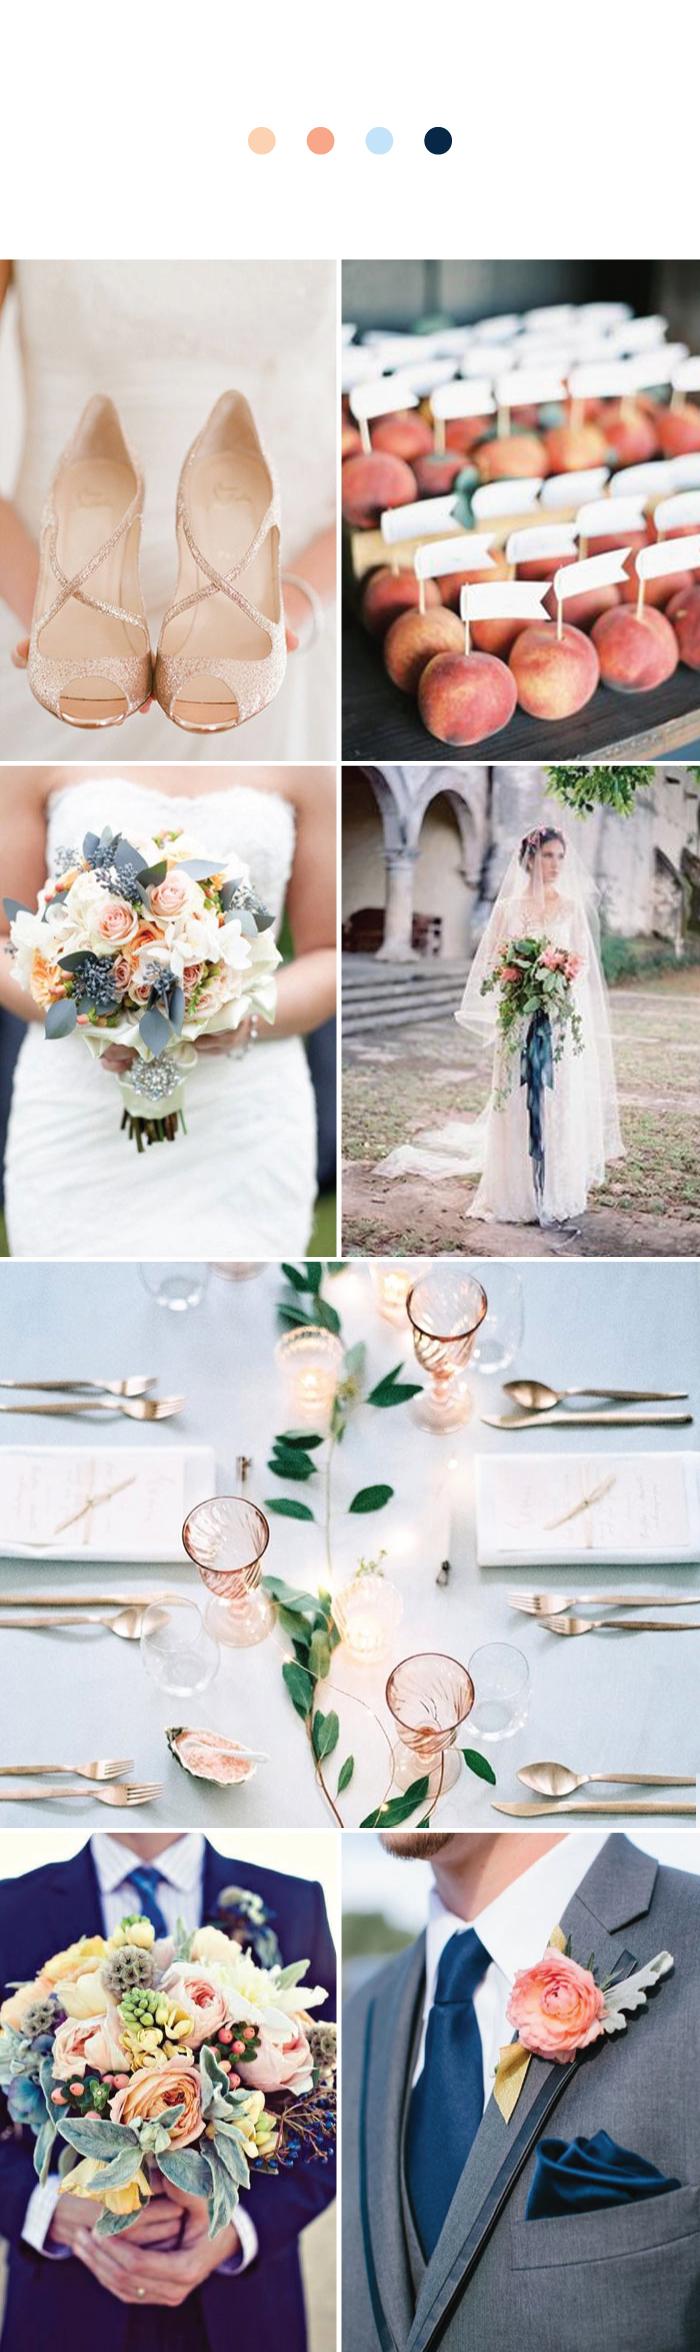 Wedding Ideas for Peach + Blue Wedding